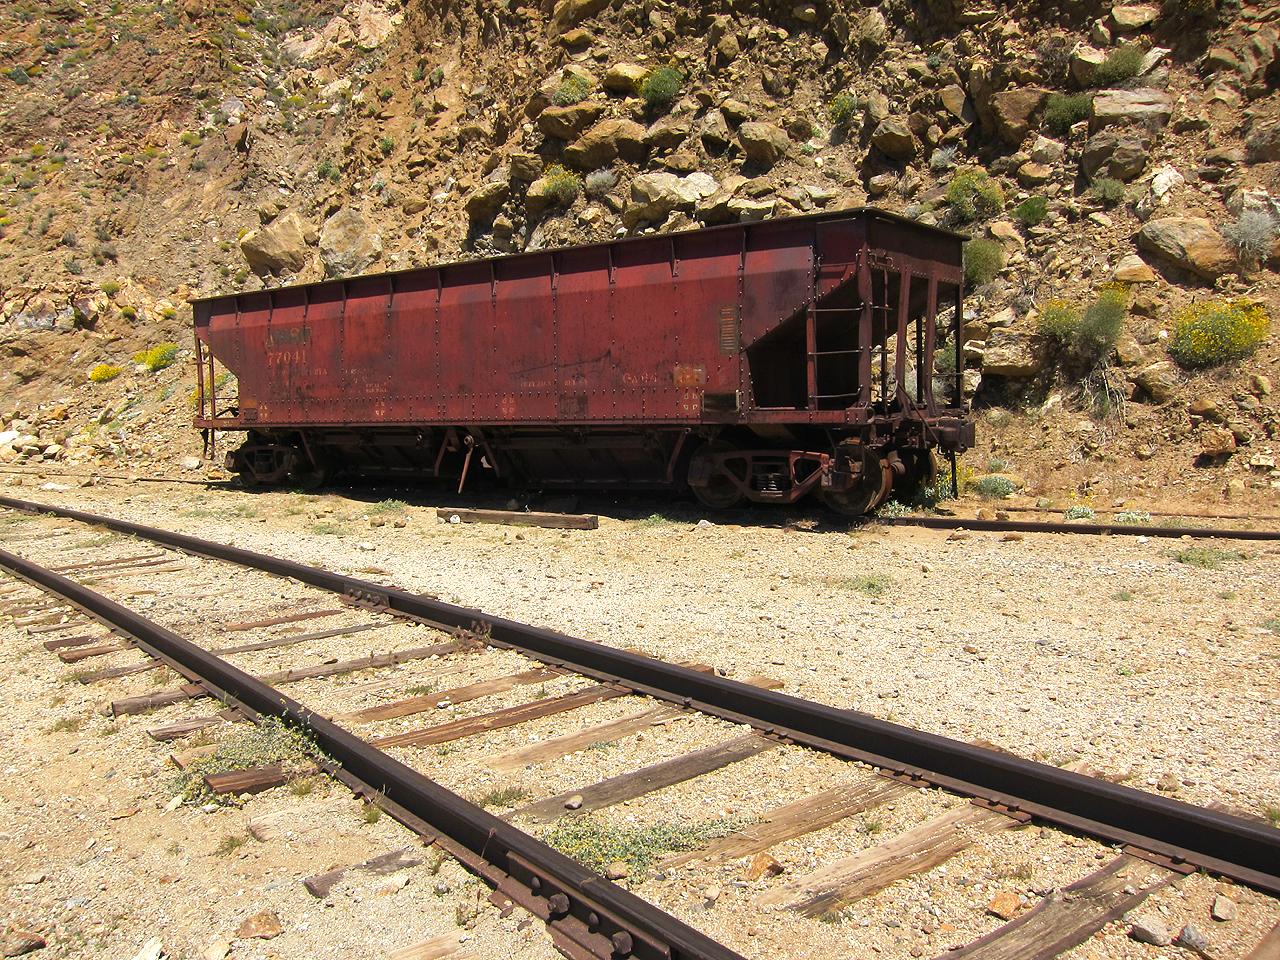 Old coal car?